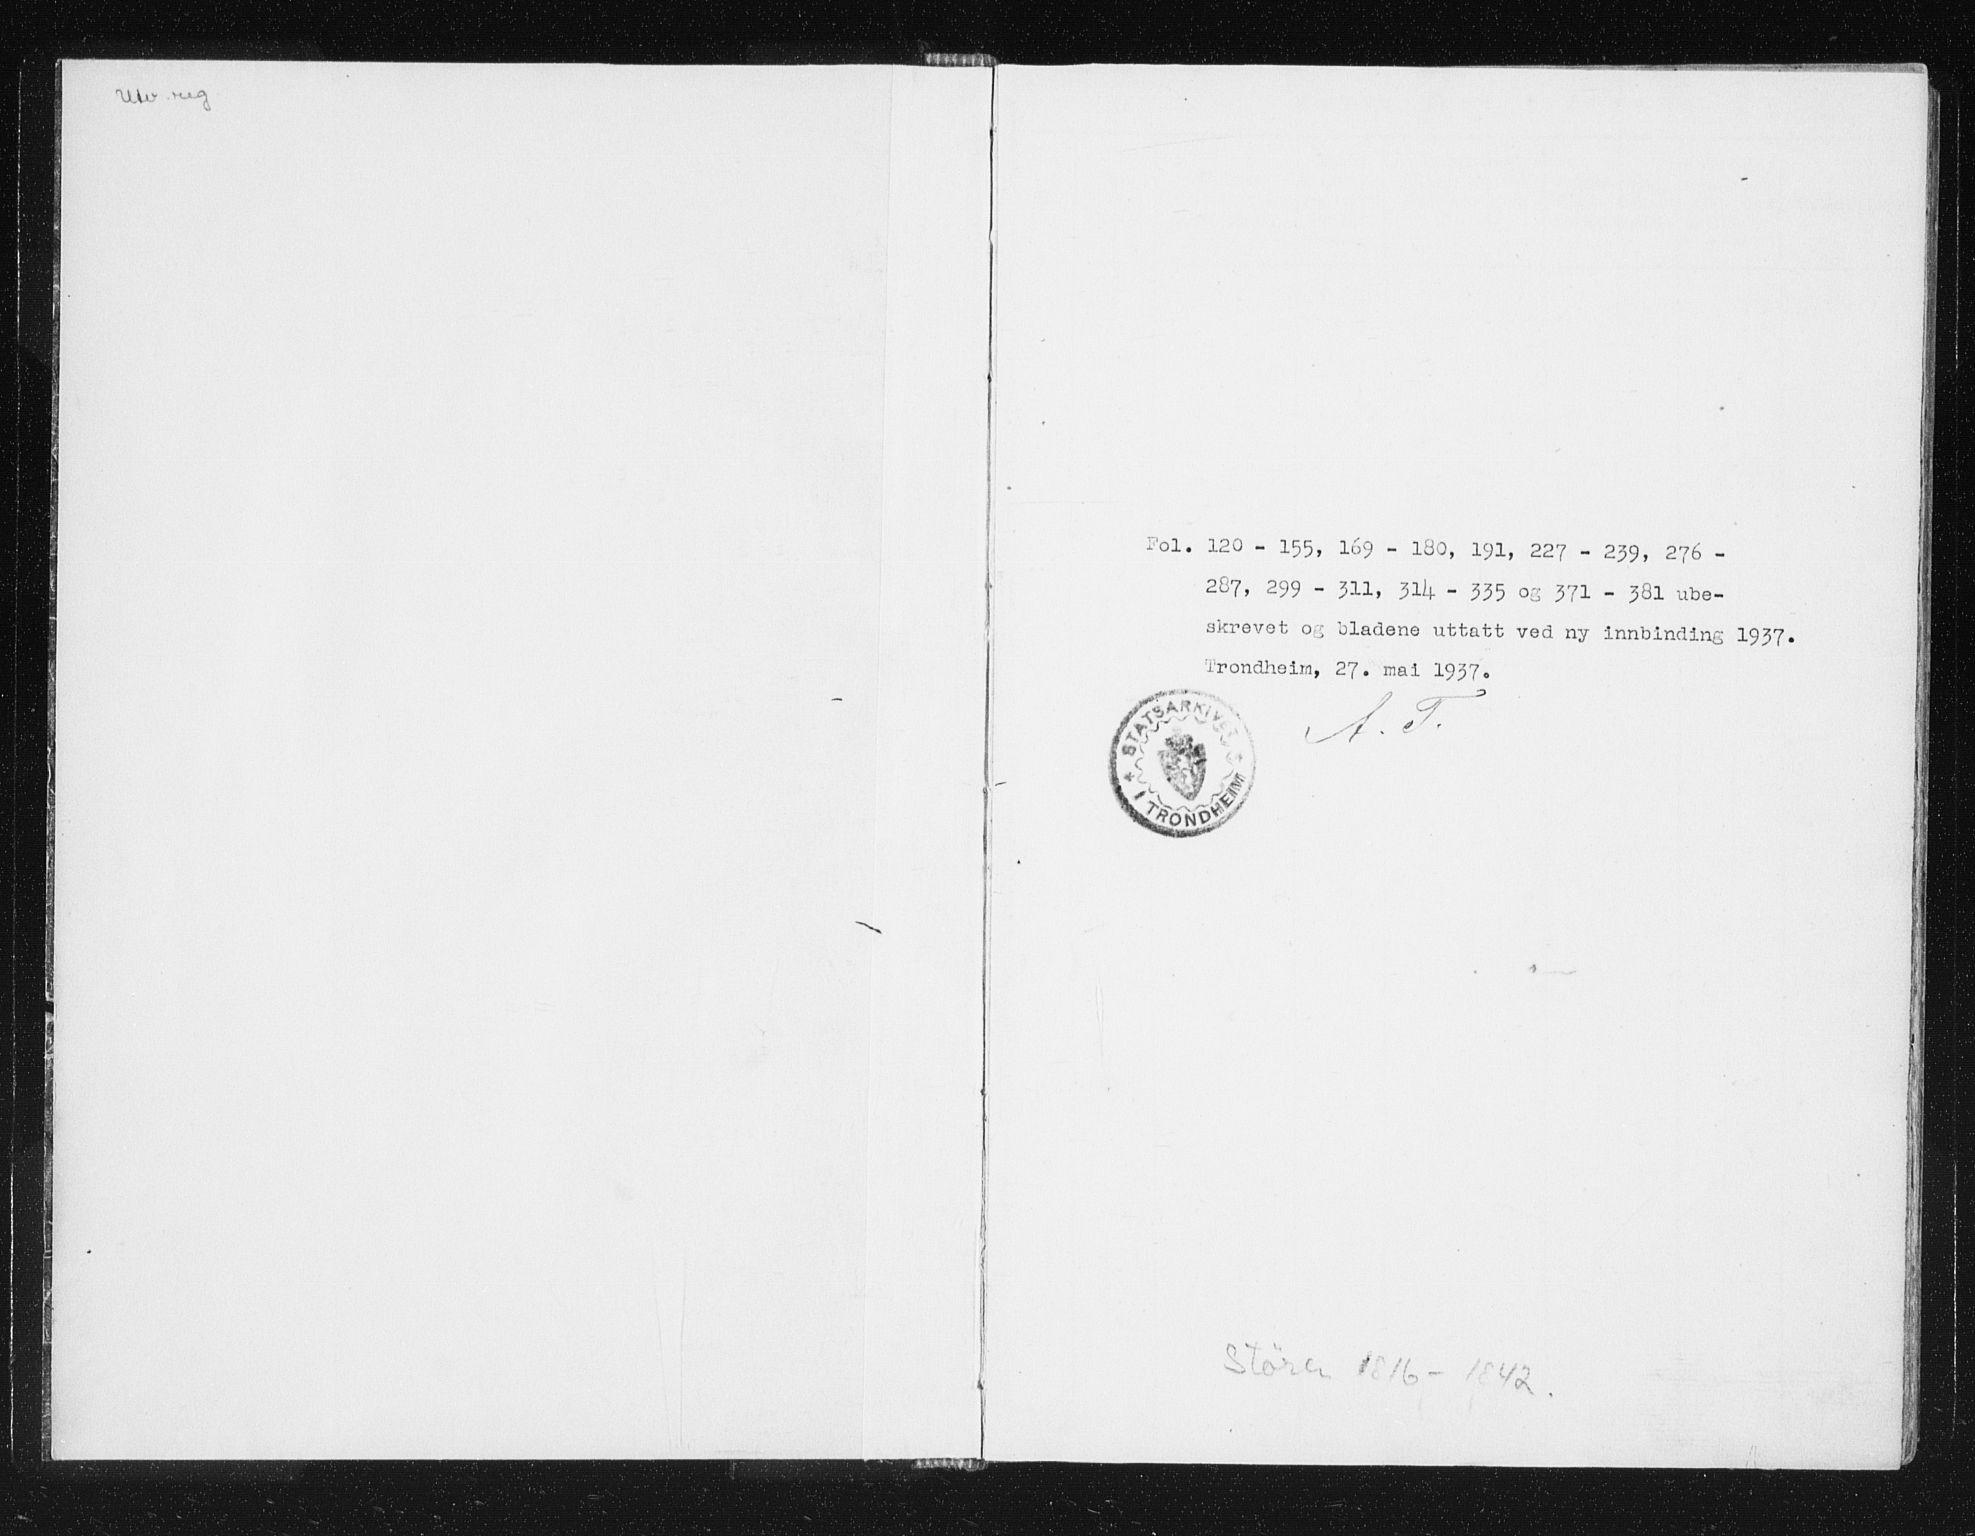 SAT, Ministerialprotokoller, klokkerbøker og fødselsregistre - Sør-Trøndelag, 687/L0996: Ministerialbok nr. 687A04, 1816-1842